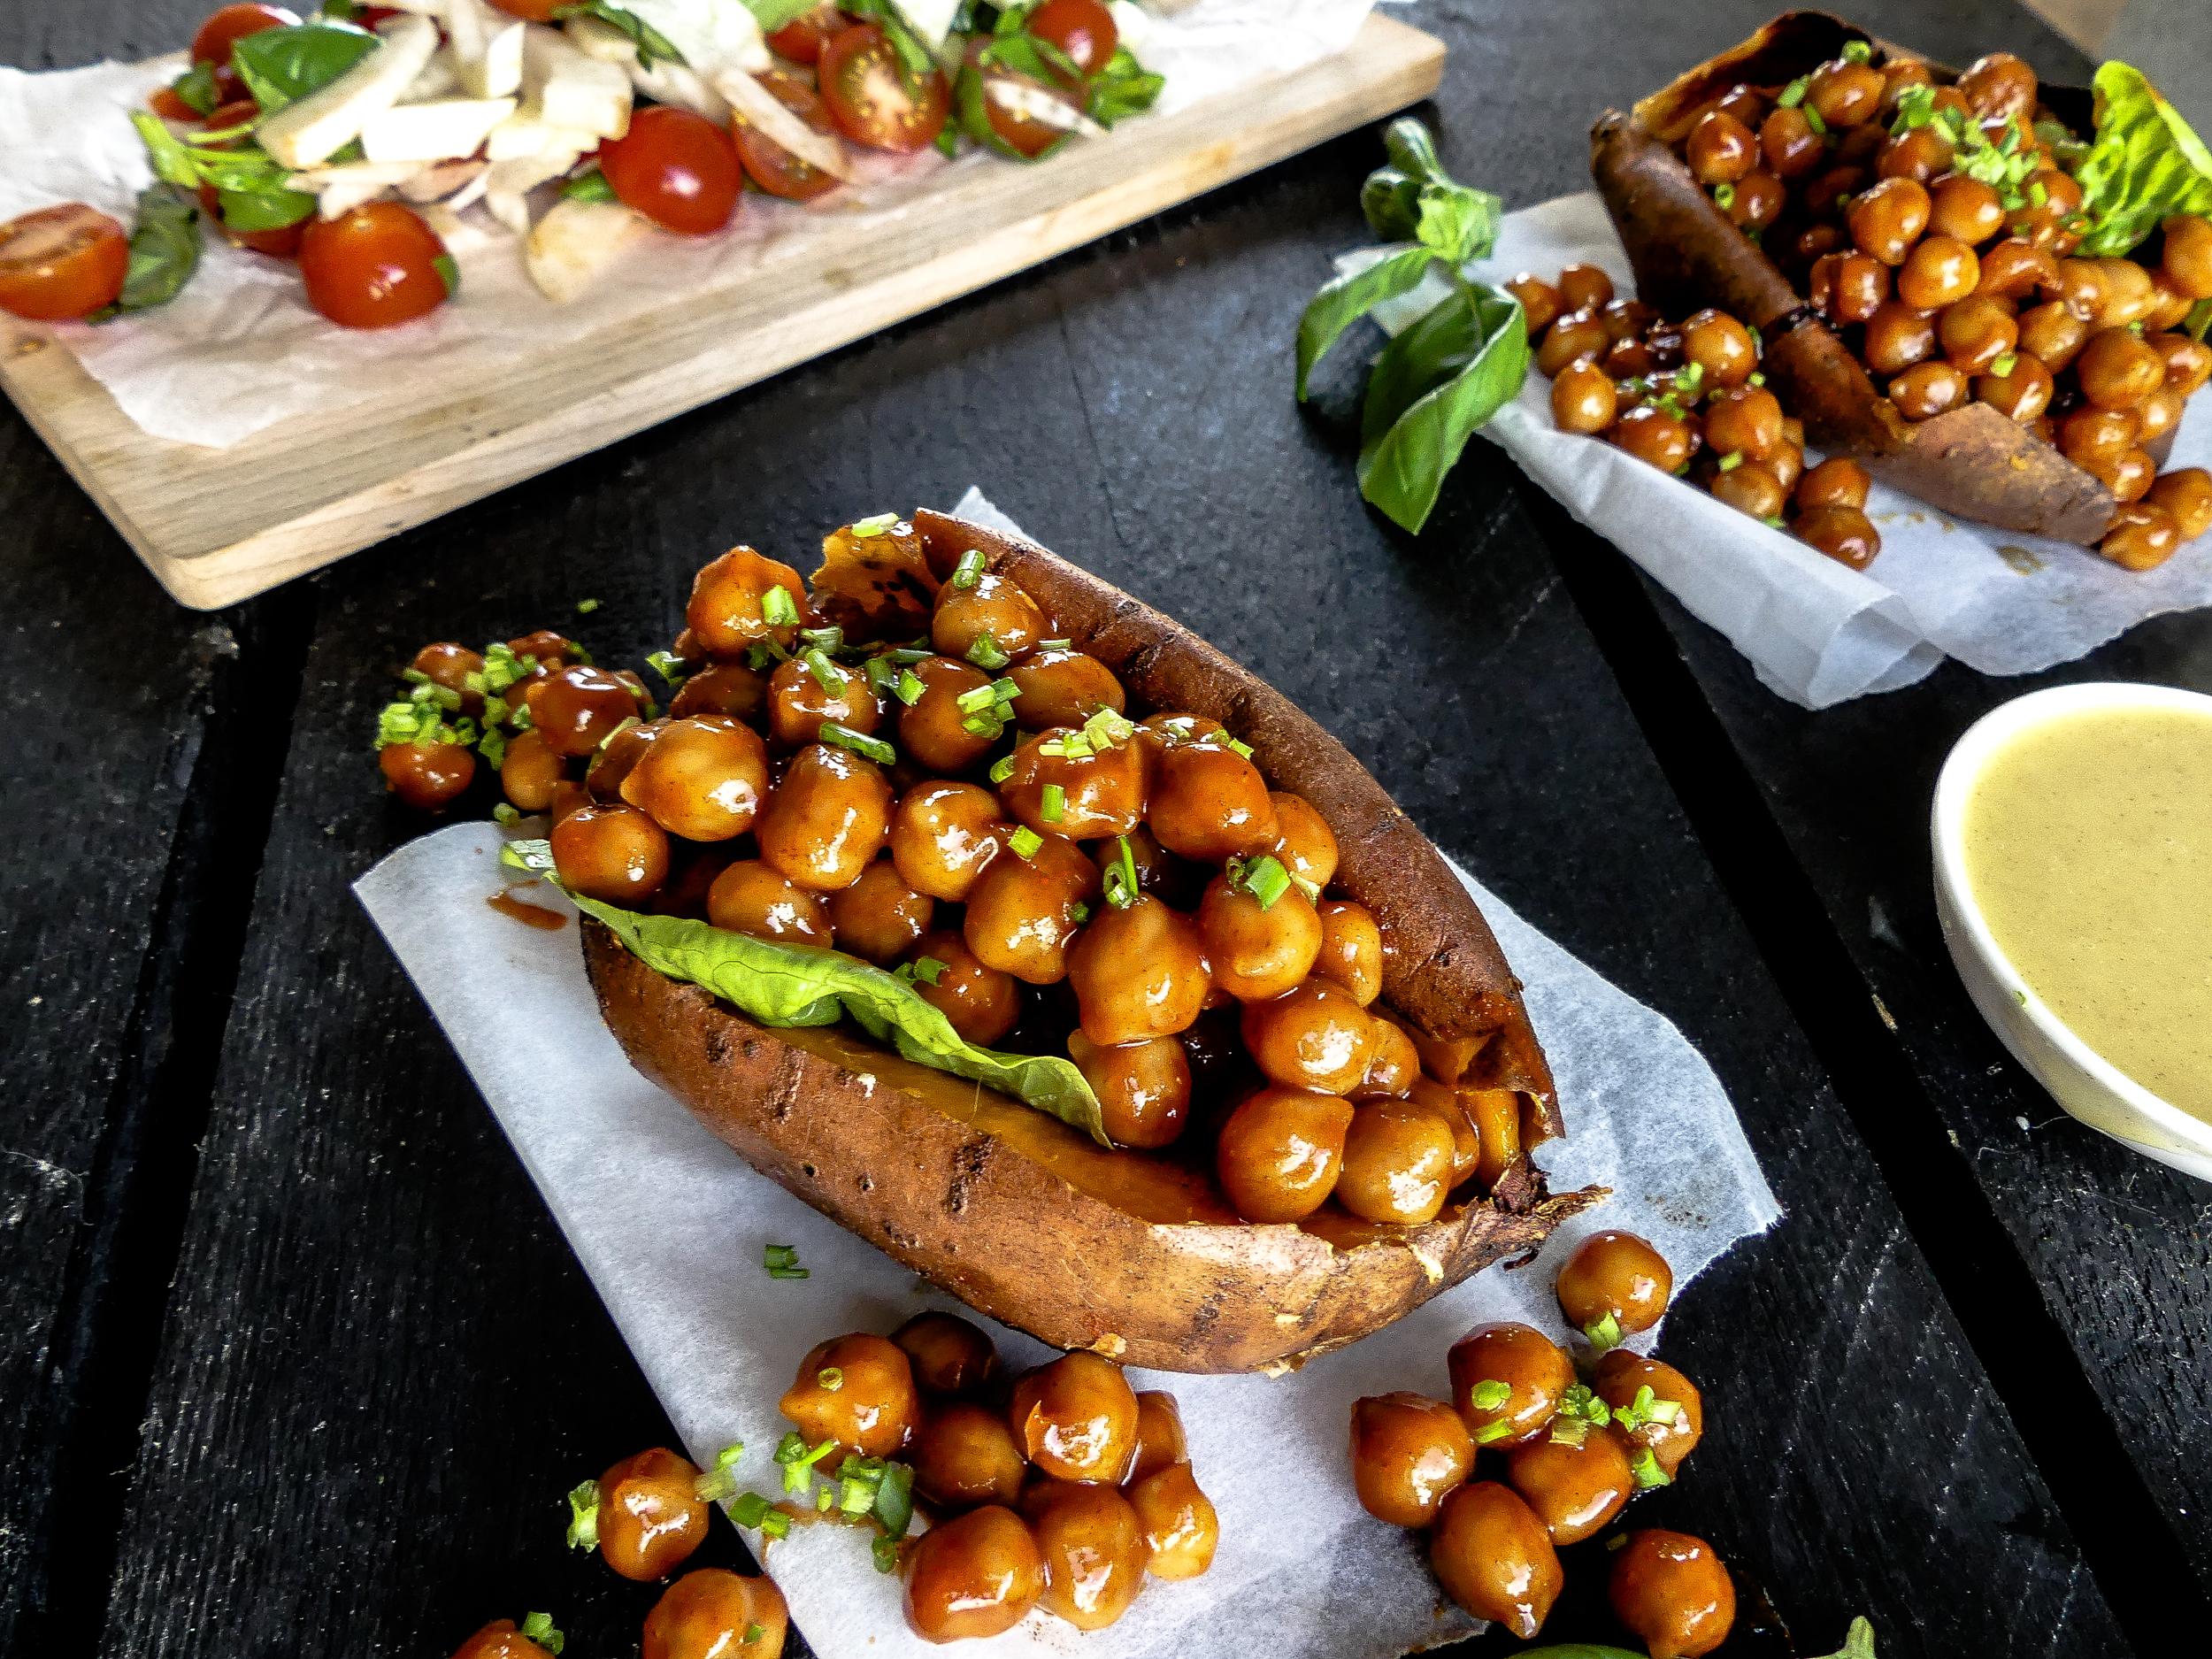 Gevulde zoete aardappel met pittge kikkererwten